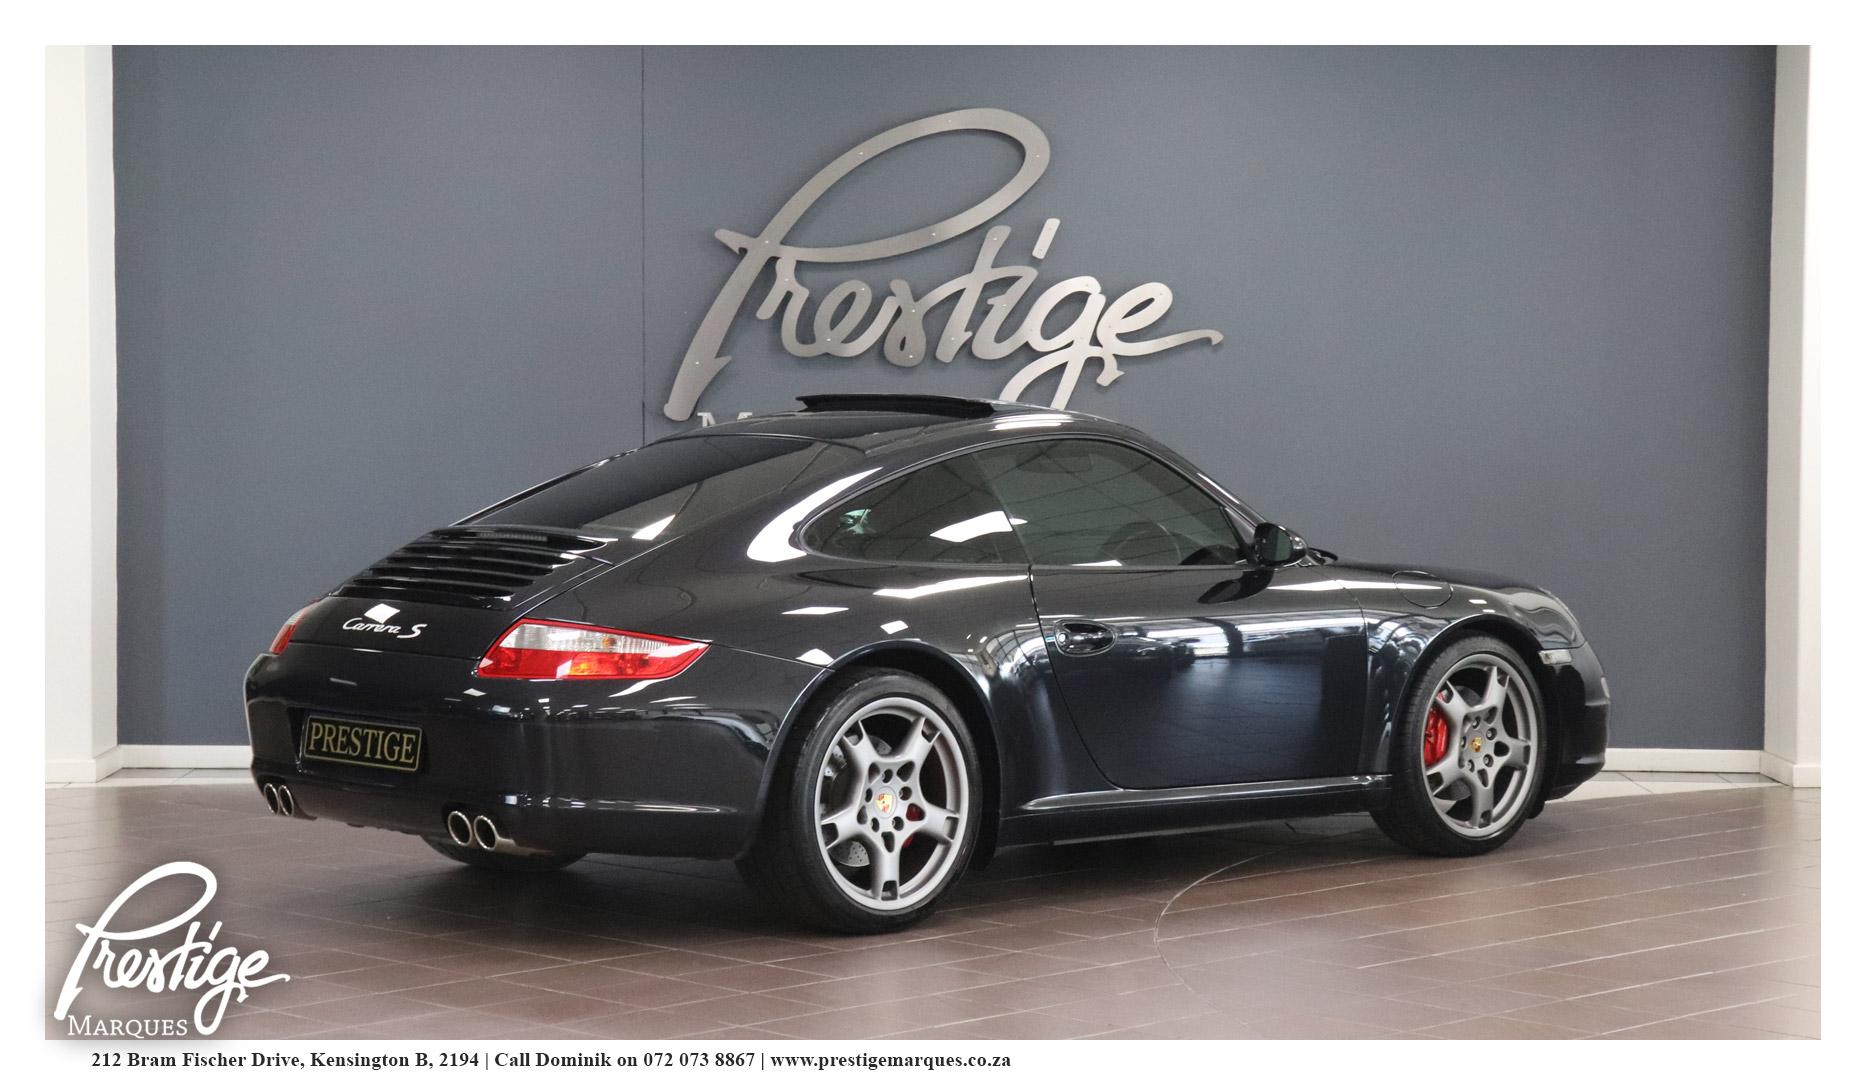 2006-Porsche-911-997-Carrera-S-Manual-Prestige-Marques-Randburg-Sandton-4